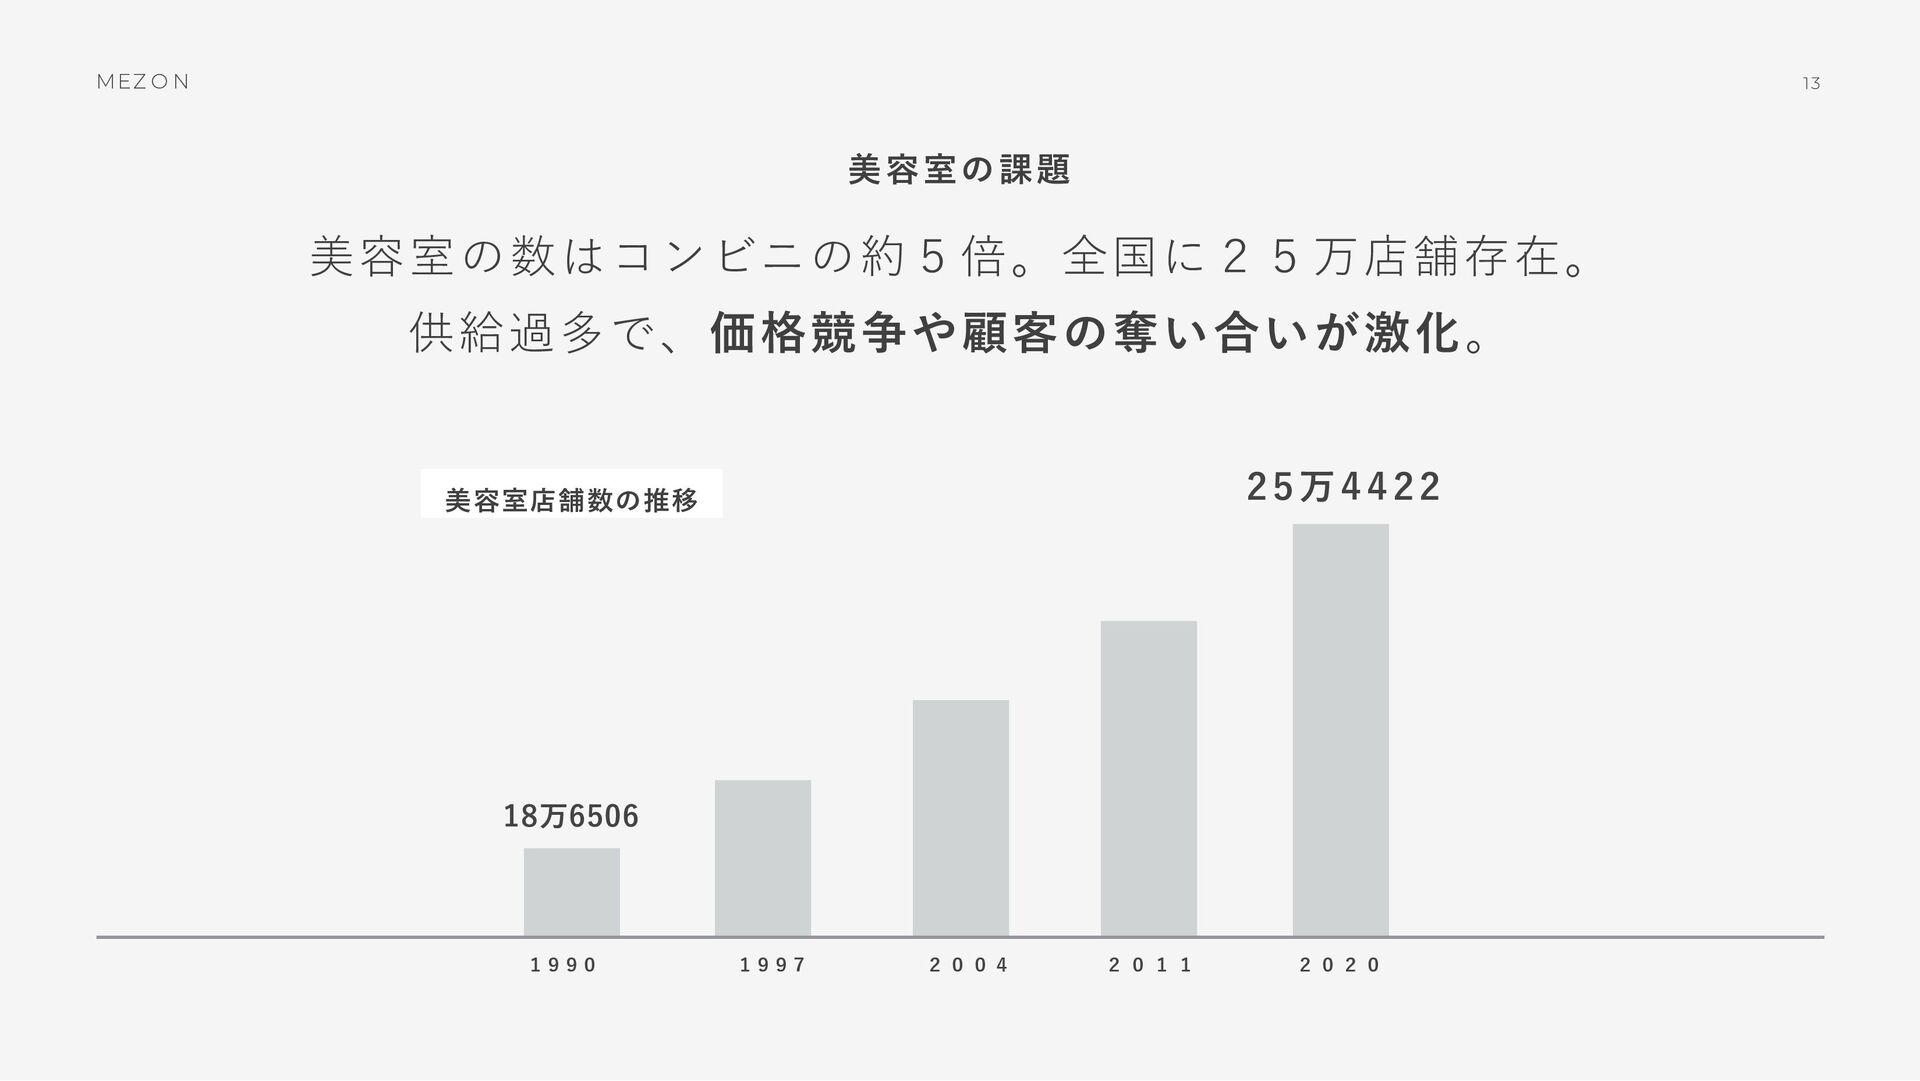 MEZ O N 12 美容室の課題 市場規模は約2兆円、利⽤者率・利⽤回数も下降傾向にあり、 ...